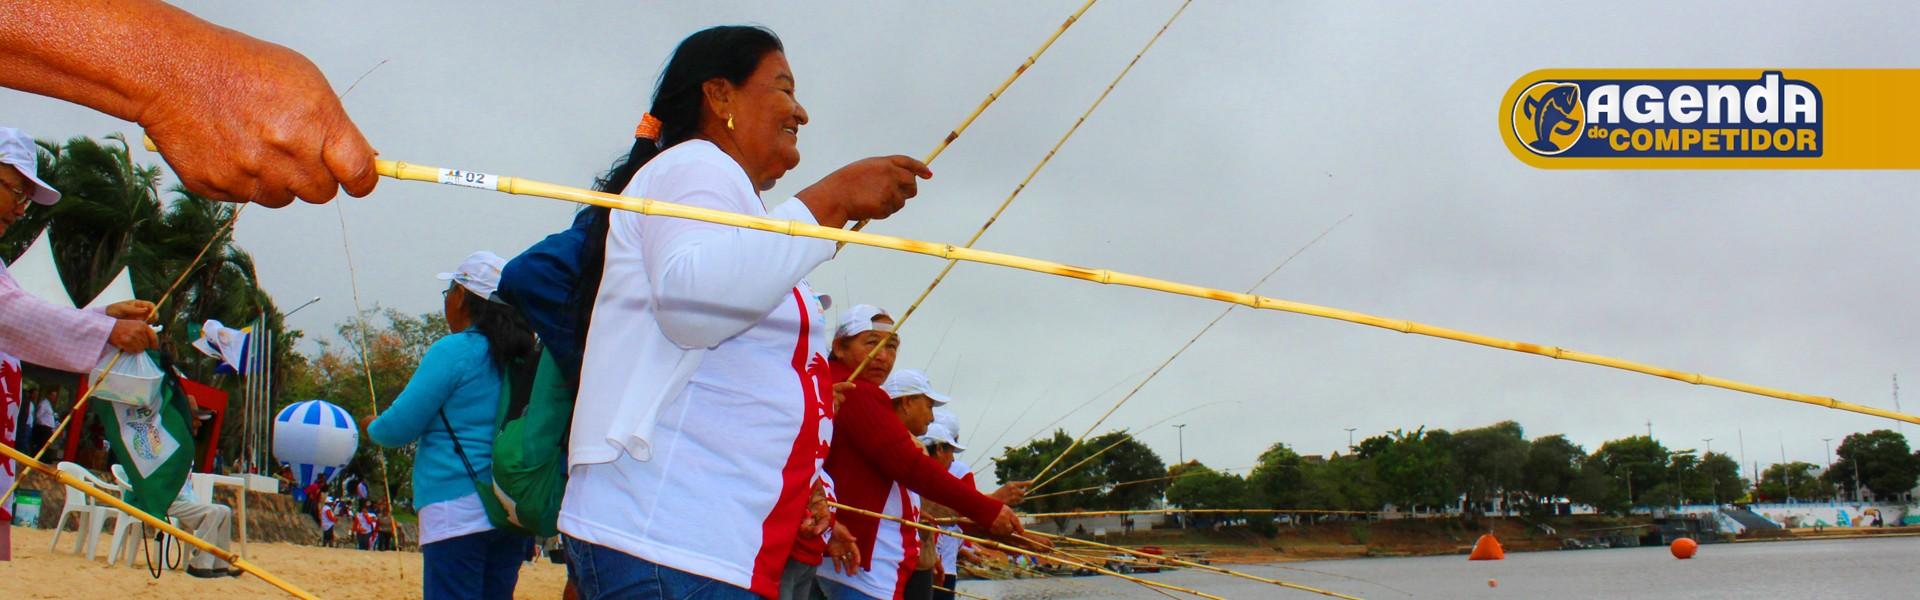 Competição tradicional de pesca